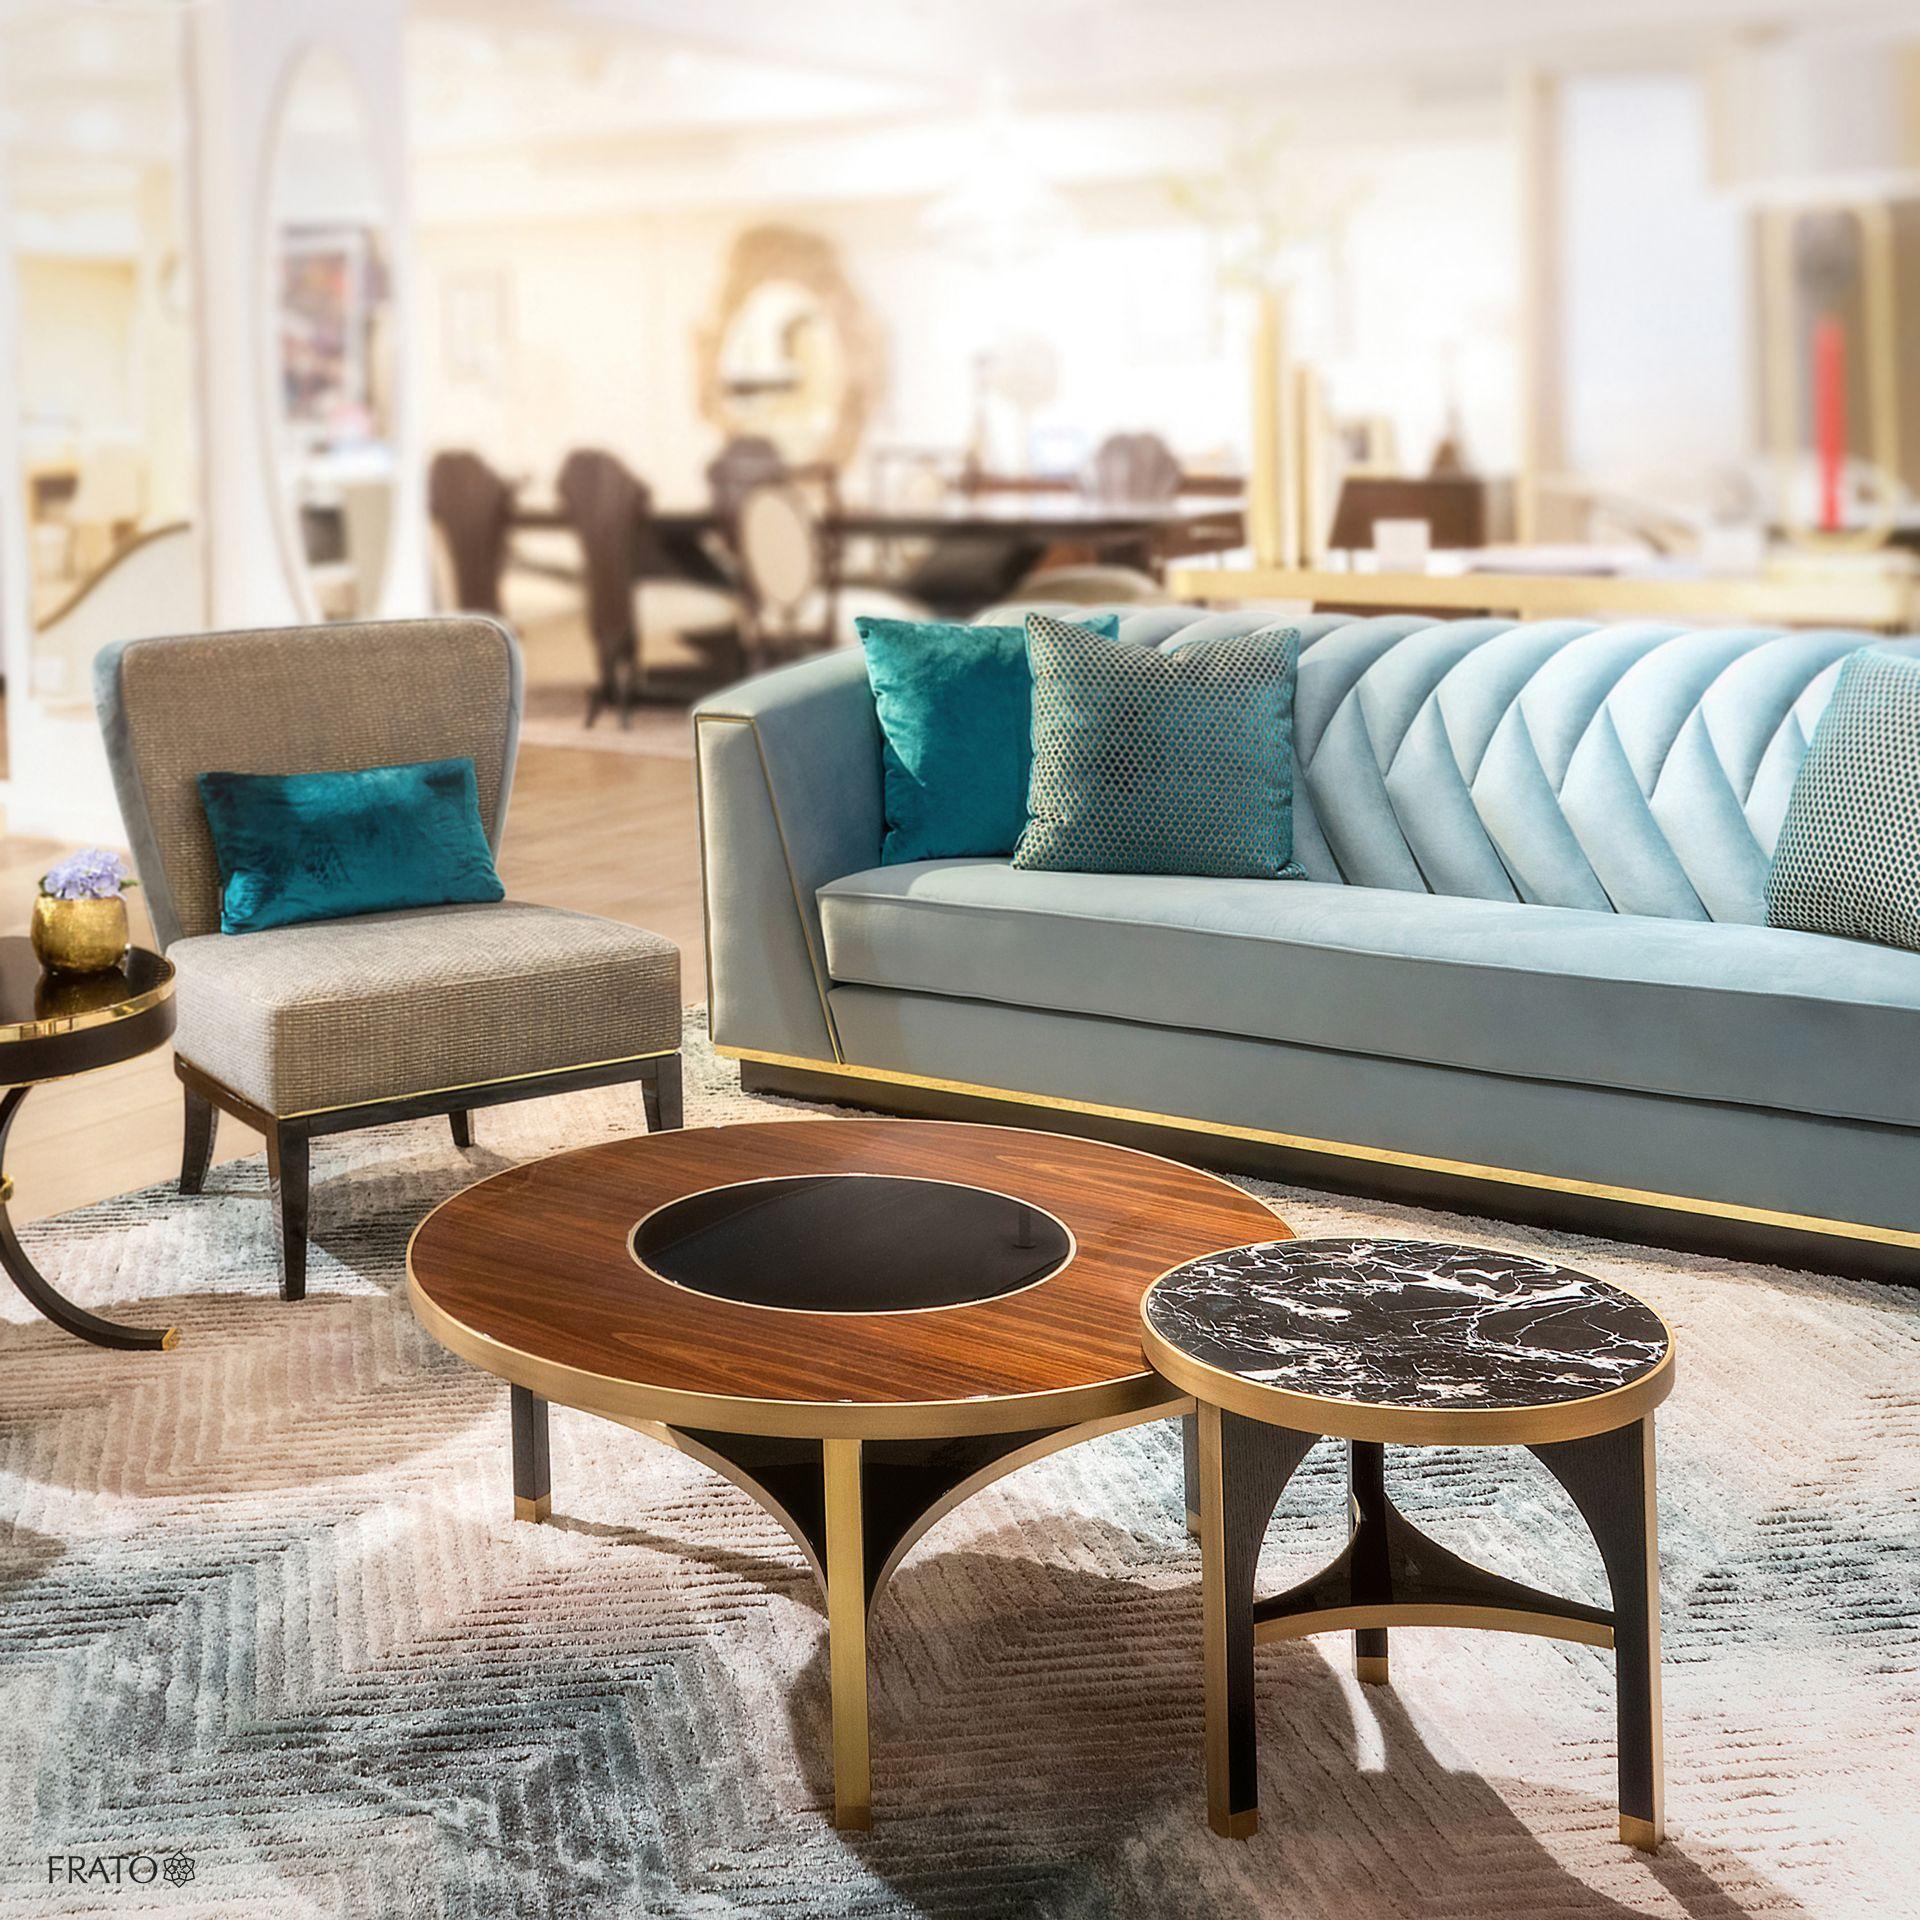 Frato Living Room Inspiration In 2020 Glamorous Living Room Living Room Inspiration Living Room Essentials